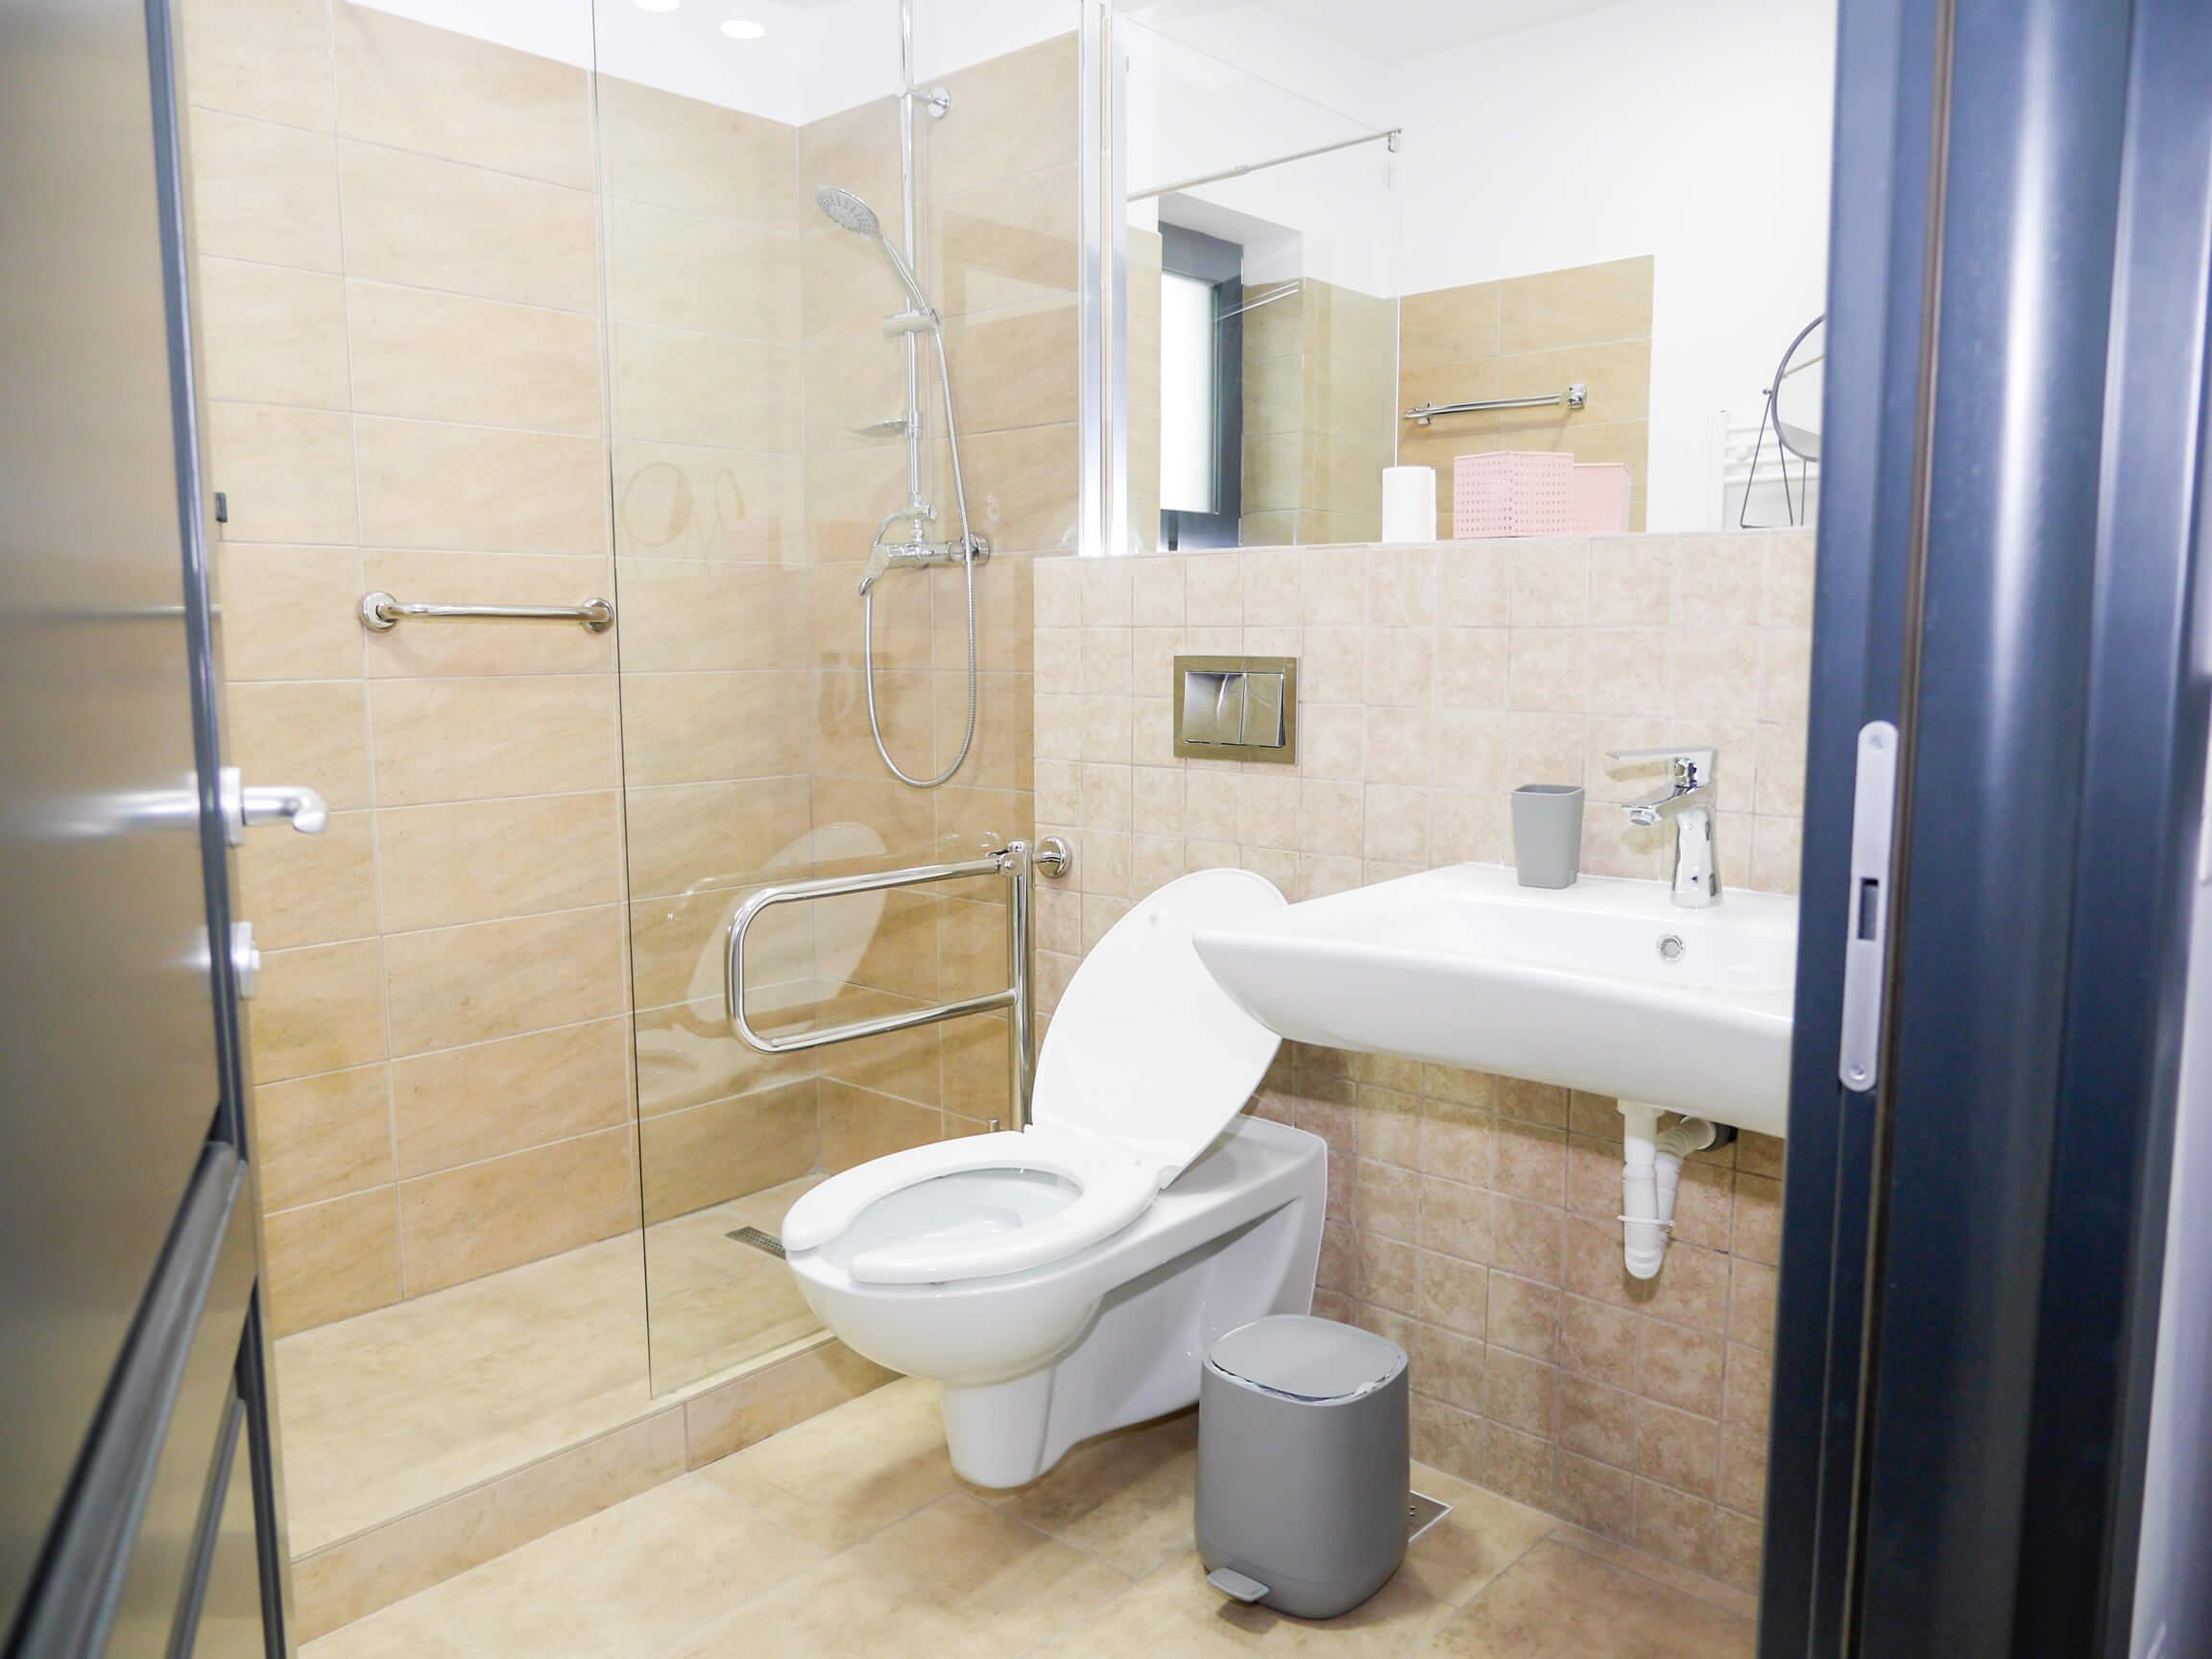 Clement Apartments - apartamente de inchiriat in regim hotelier - cazare neamt - cazare piatra neamt (4) - apartament 3